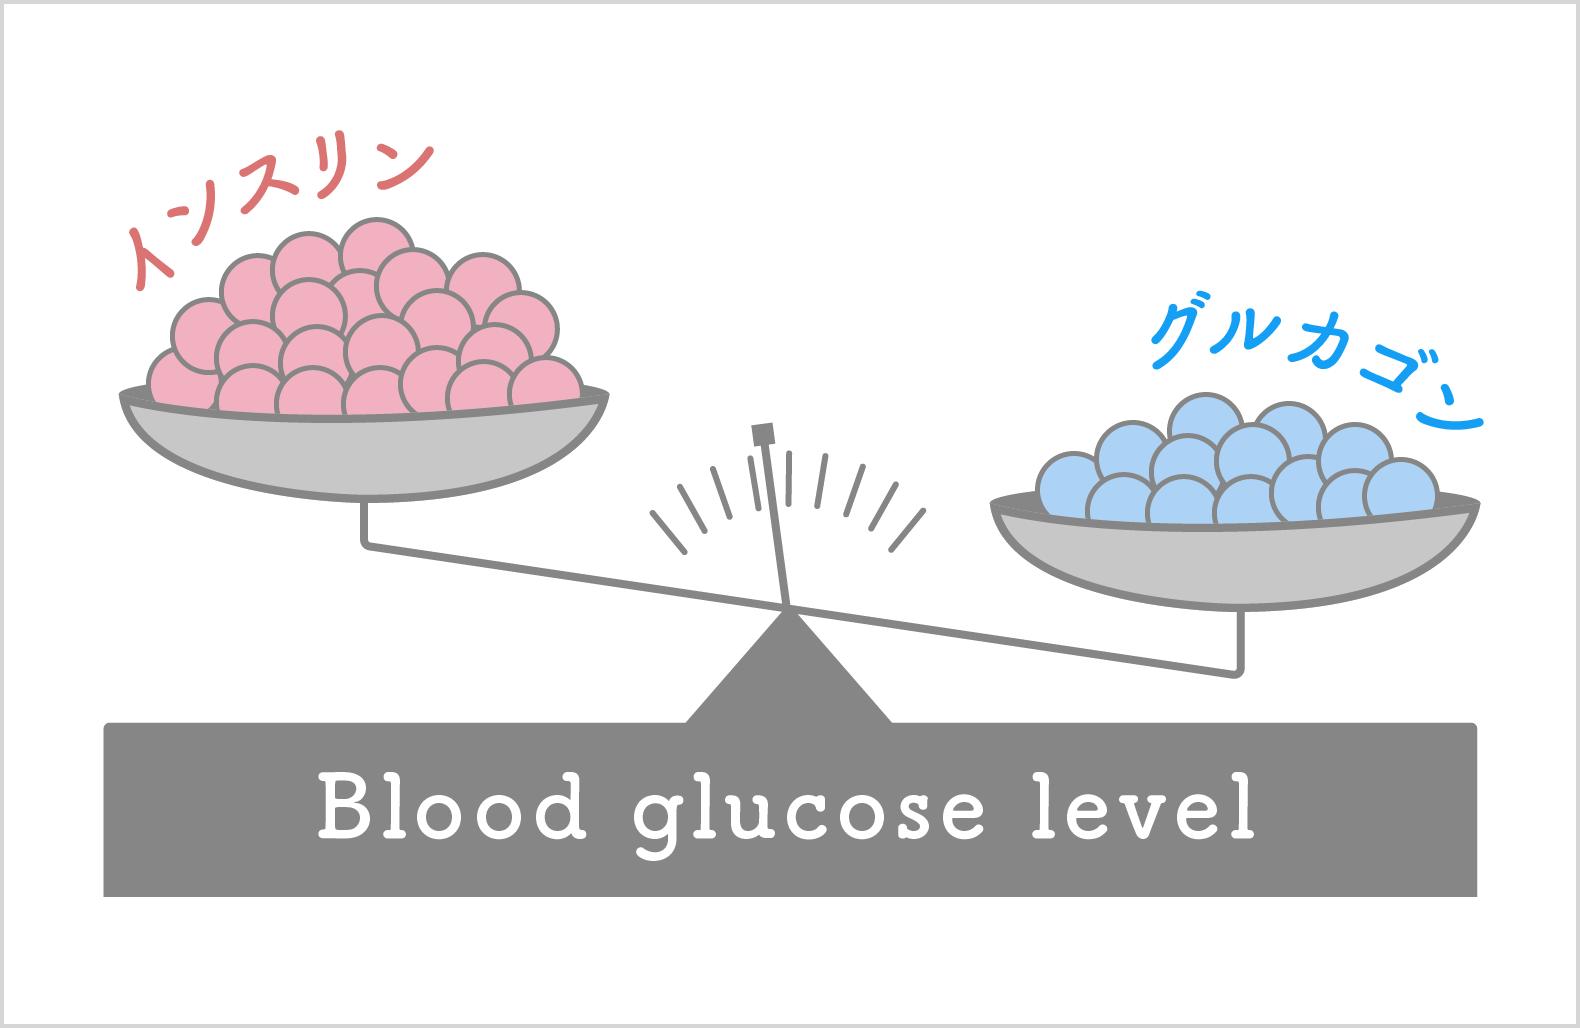 """糖尿病の新しい治療薬「DPP-4阻害薬」 血糖値に応じて""""自動調節""""するため低血糖が起こりにくい"""